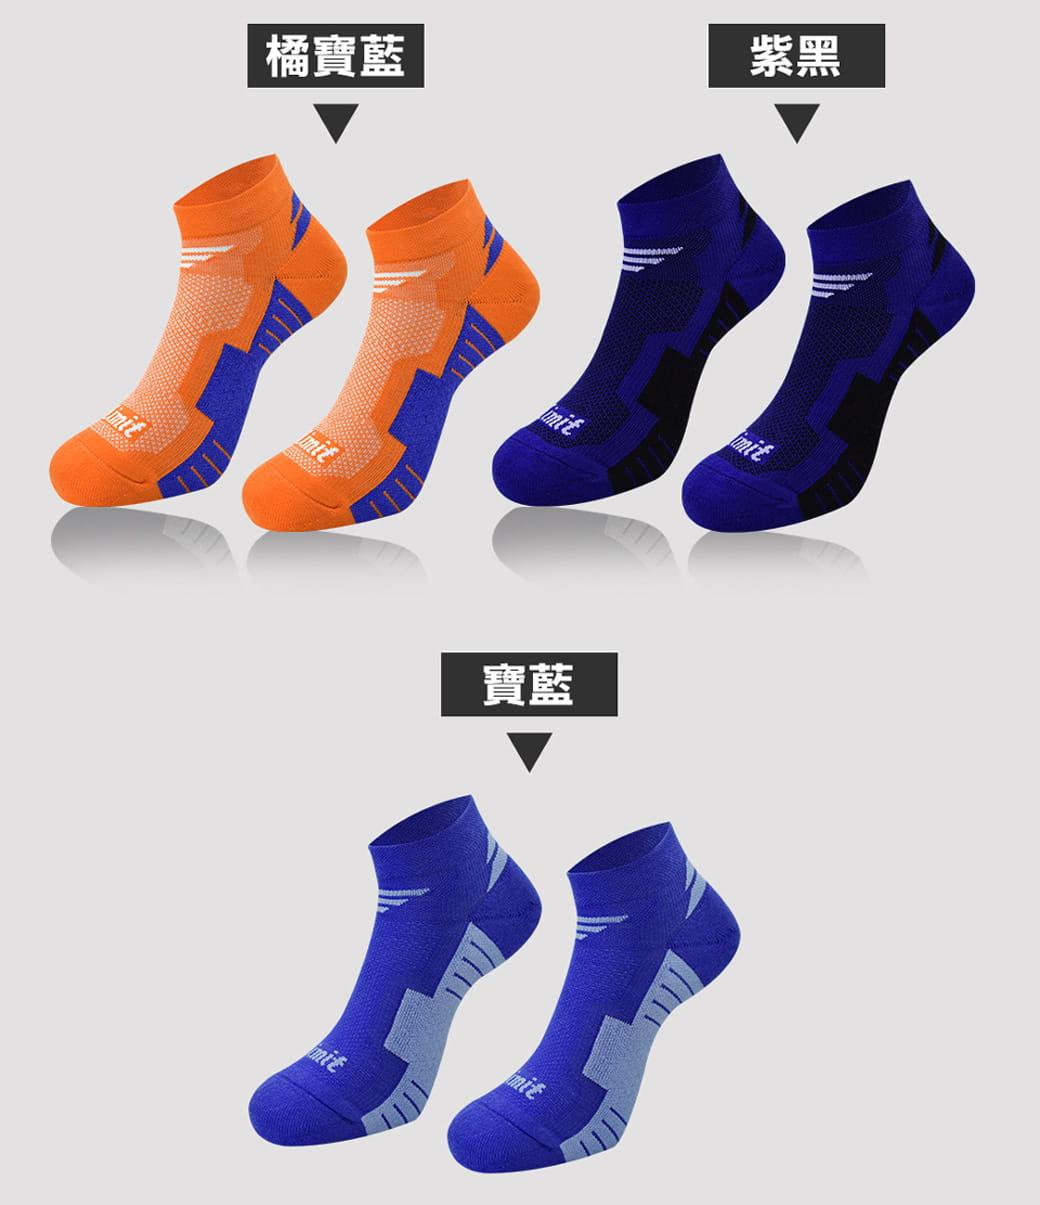 【力美特機能襪】輕壓力慢跑襪(寶藍) 4